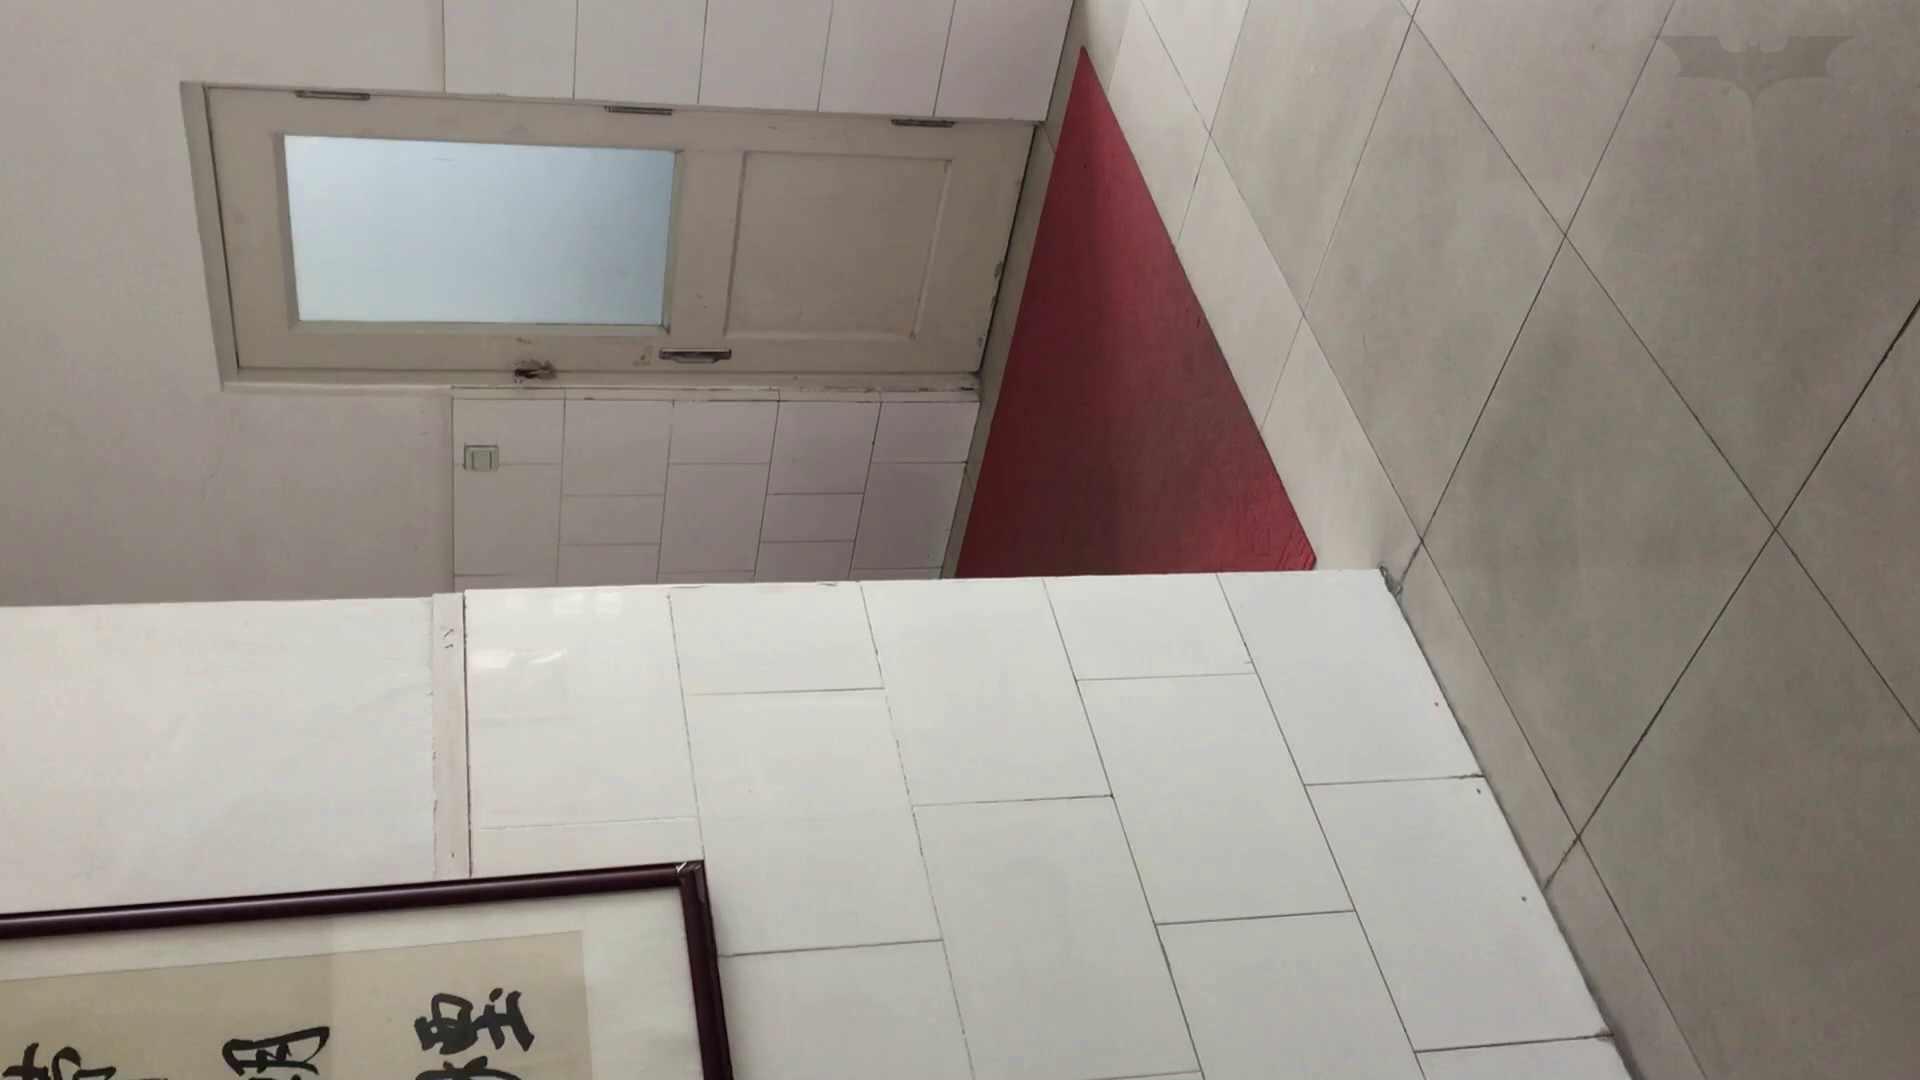 芸術大学ガチ潜入盗撮 JD盗撮 美女の洗面所の秘密 Vol.89 美肌 ヌード画像 36画像 4